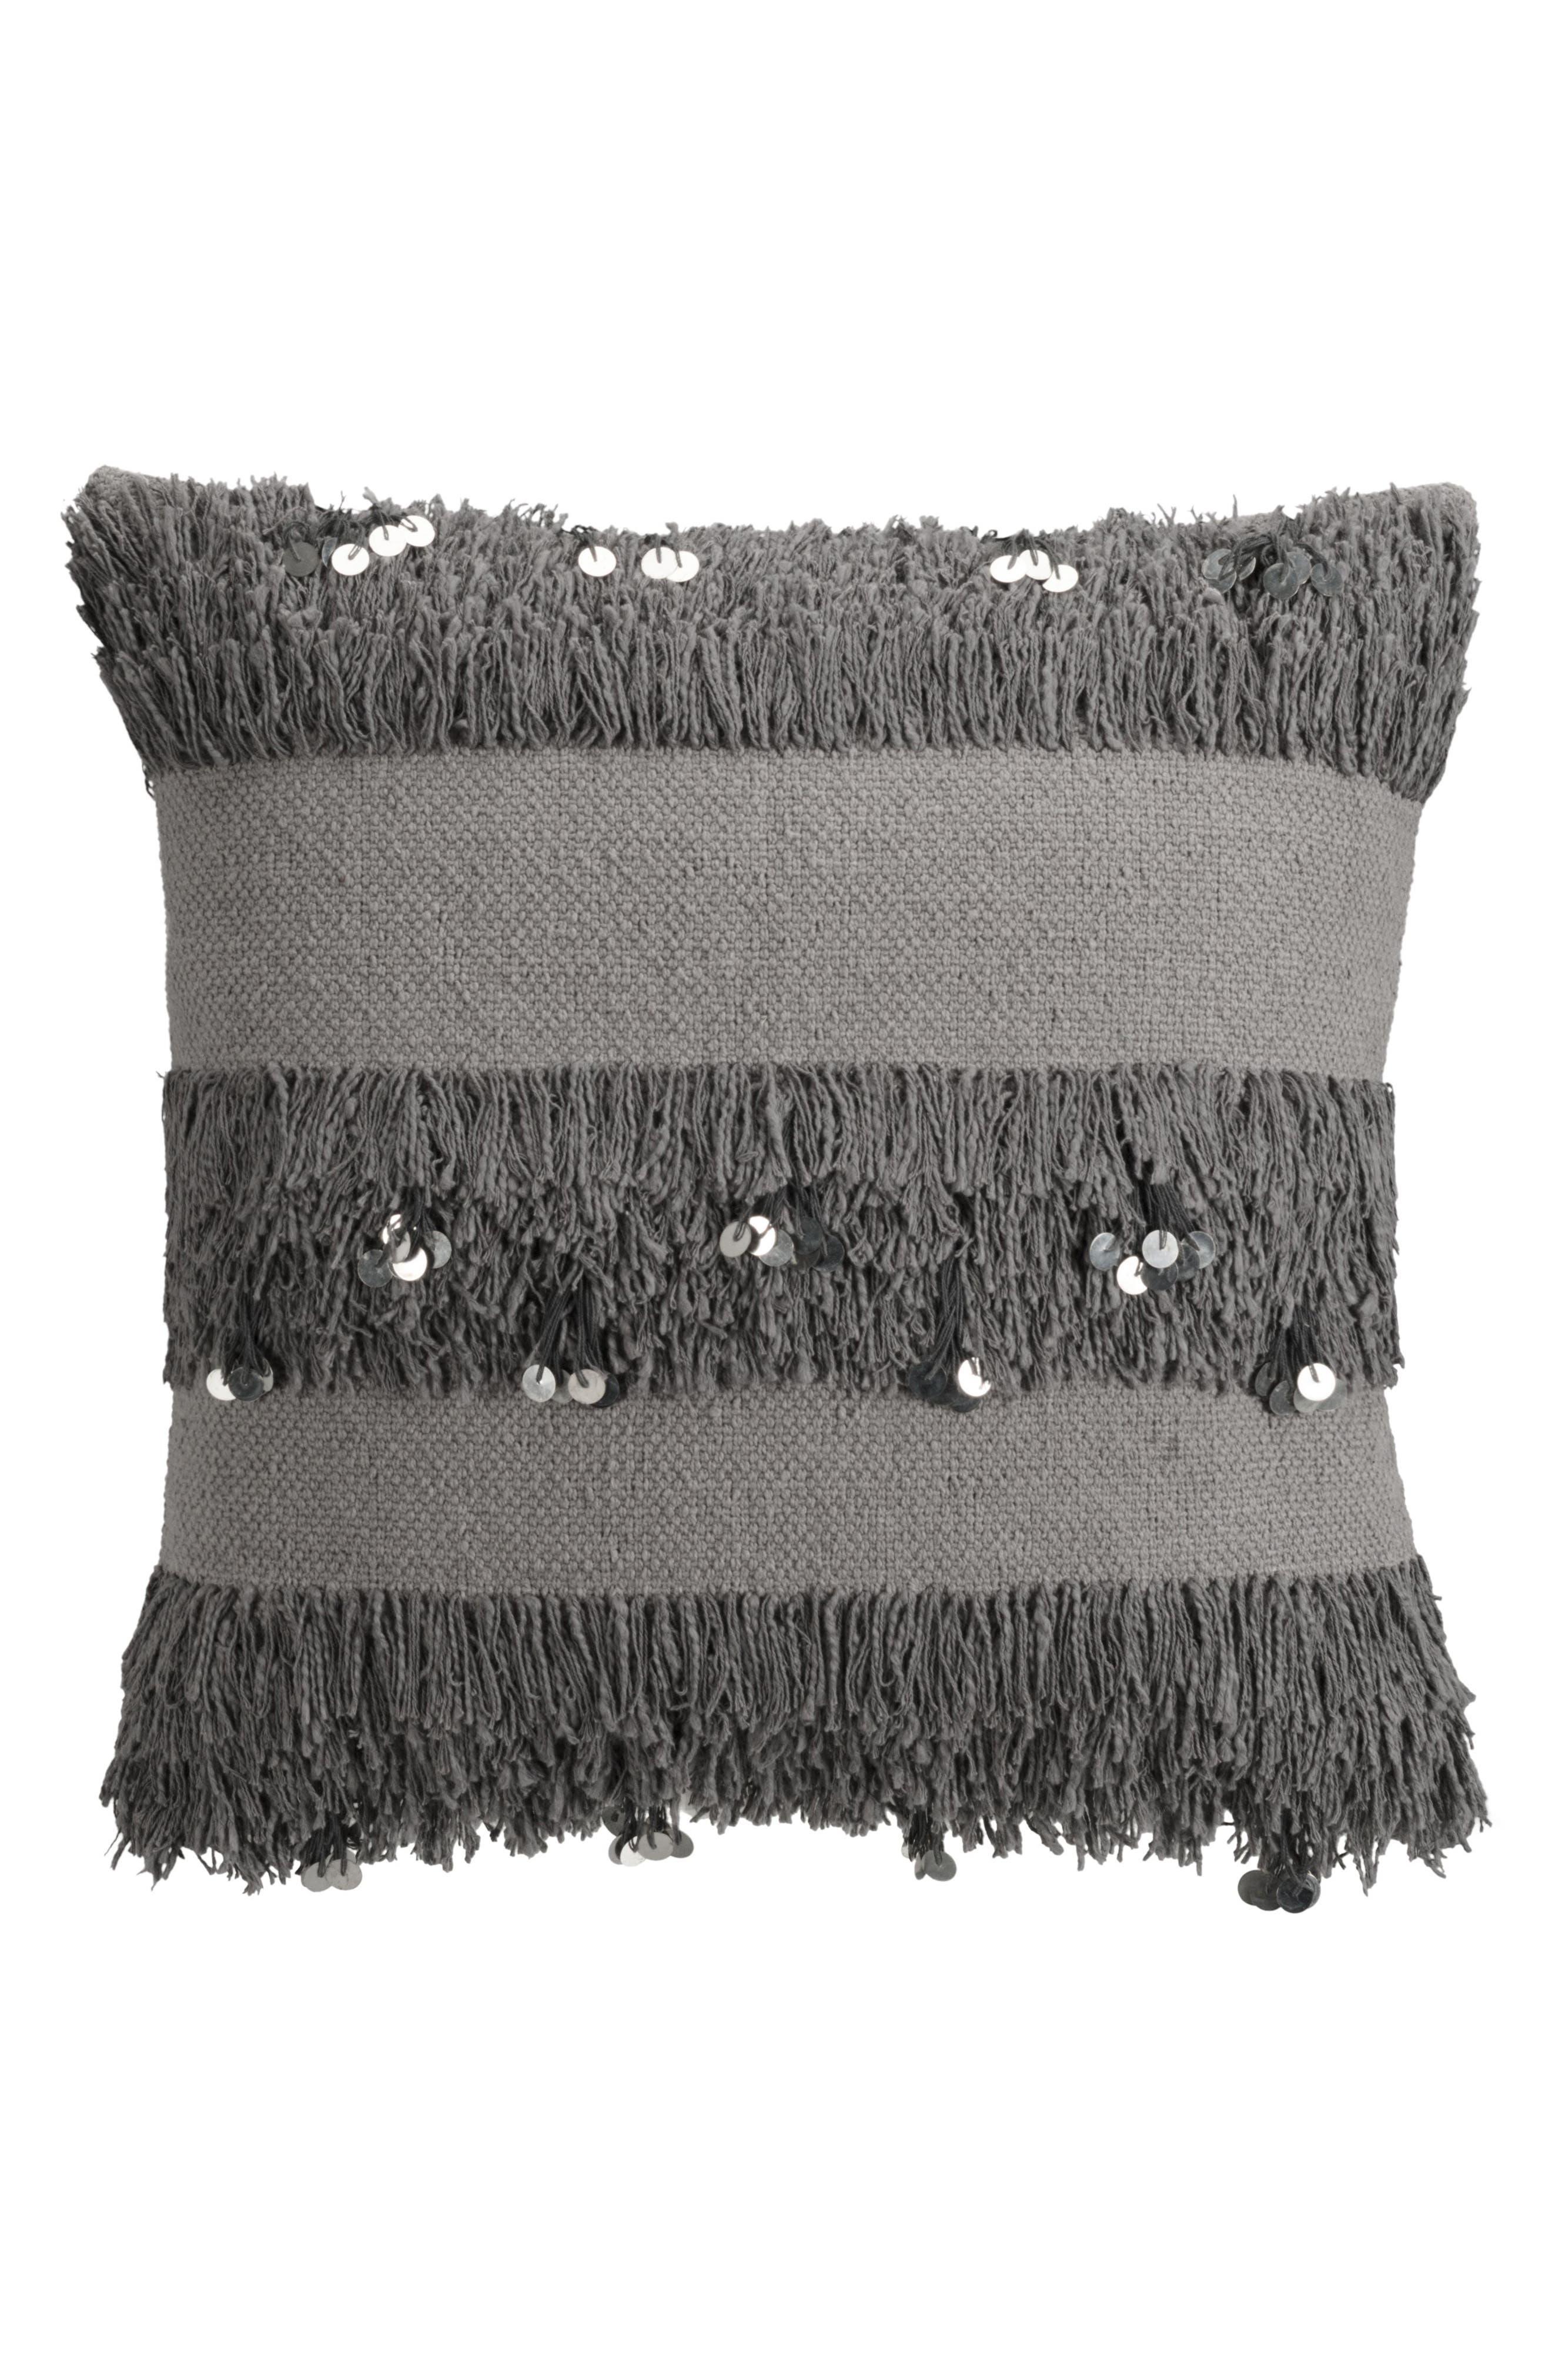 cupcakes & cashmere Sequin Fringe Pillow,                             Main thumbnail 1, color,                             020